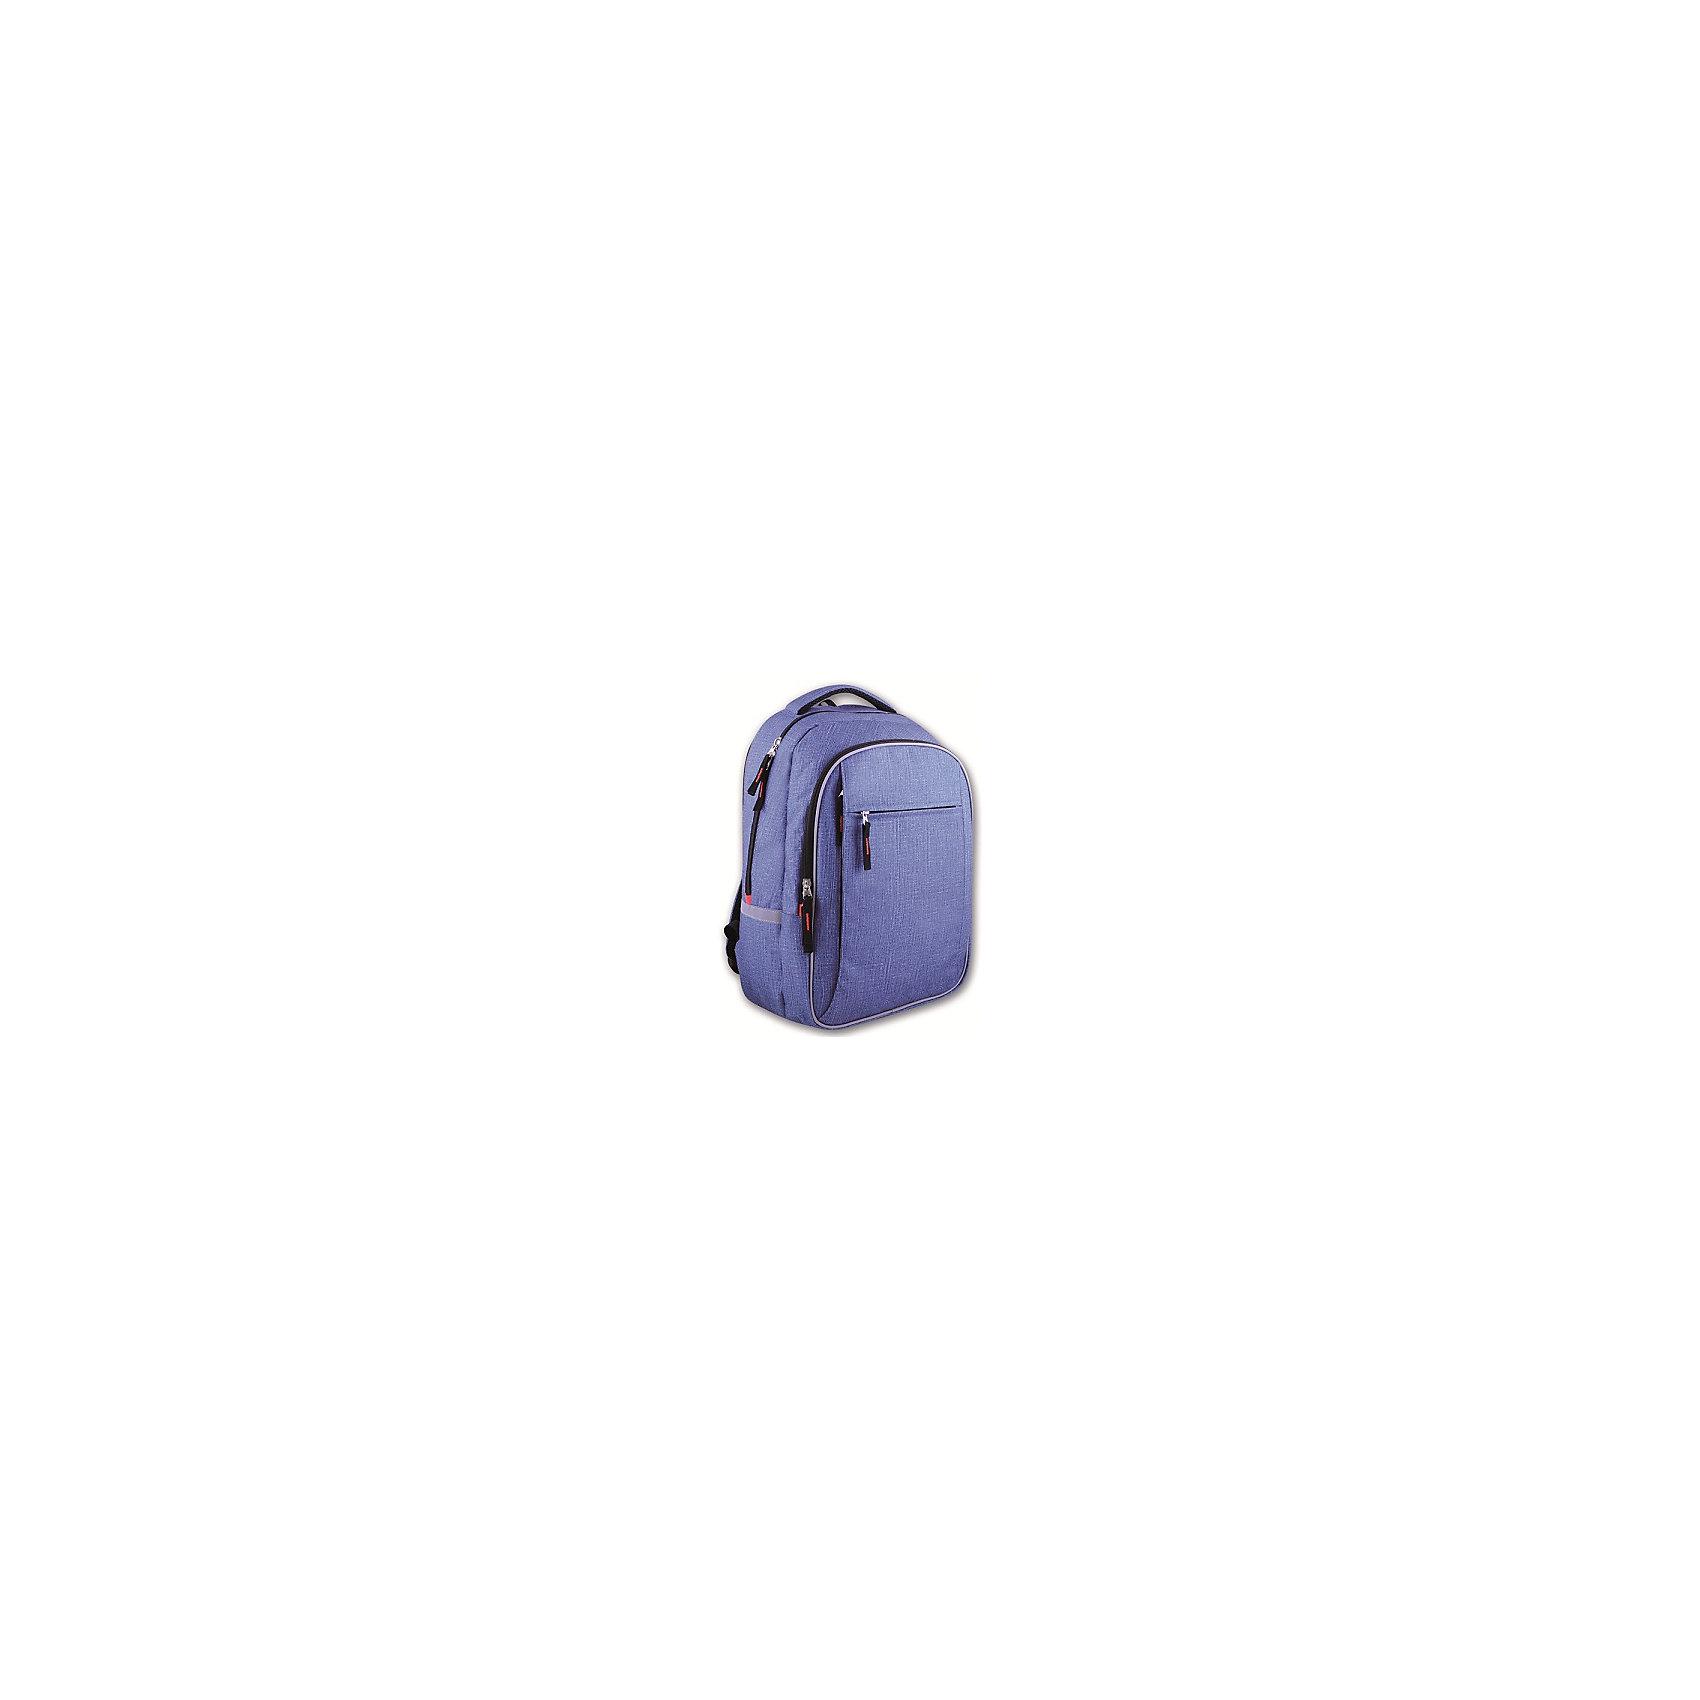 Рюкзак молодежный Синий джинсУдобный минималистичный школьный ранец для ребенка!<br><br>Рюкзак достаточно большой и вместительный у него: одно большое отделение на молнии с внутренними кармашками, два накладных кармана спереди на молнии и сзади один карман на молнии.<br><br>Дополнительная информация:<br><br>- Возраст: от 6 лет.<br>- Материал: 100% полиэстер.<br>- Цвет: синий джинс.<br>- Есть светоотражающие вставки.<br>- Размер упаковки: 45х31х17 см.<br>- Вес в упаковке: 685 г. <br><br>Купить рюкзак молодежный Синий джинс можно в нашем магазине.<br><br>Ширина мм: 450<br>Глубина мм: 310<br>Высота мм: 170<br>Вес г: 685<br>Возраст от месяцев: 120<br>Возраст до месяцев: 2147483647<br>Пол: Мужской<br>Возраст: Детский<br>SKU: 4943423